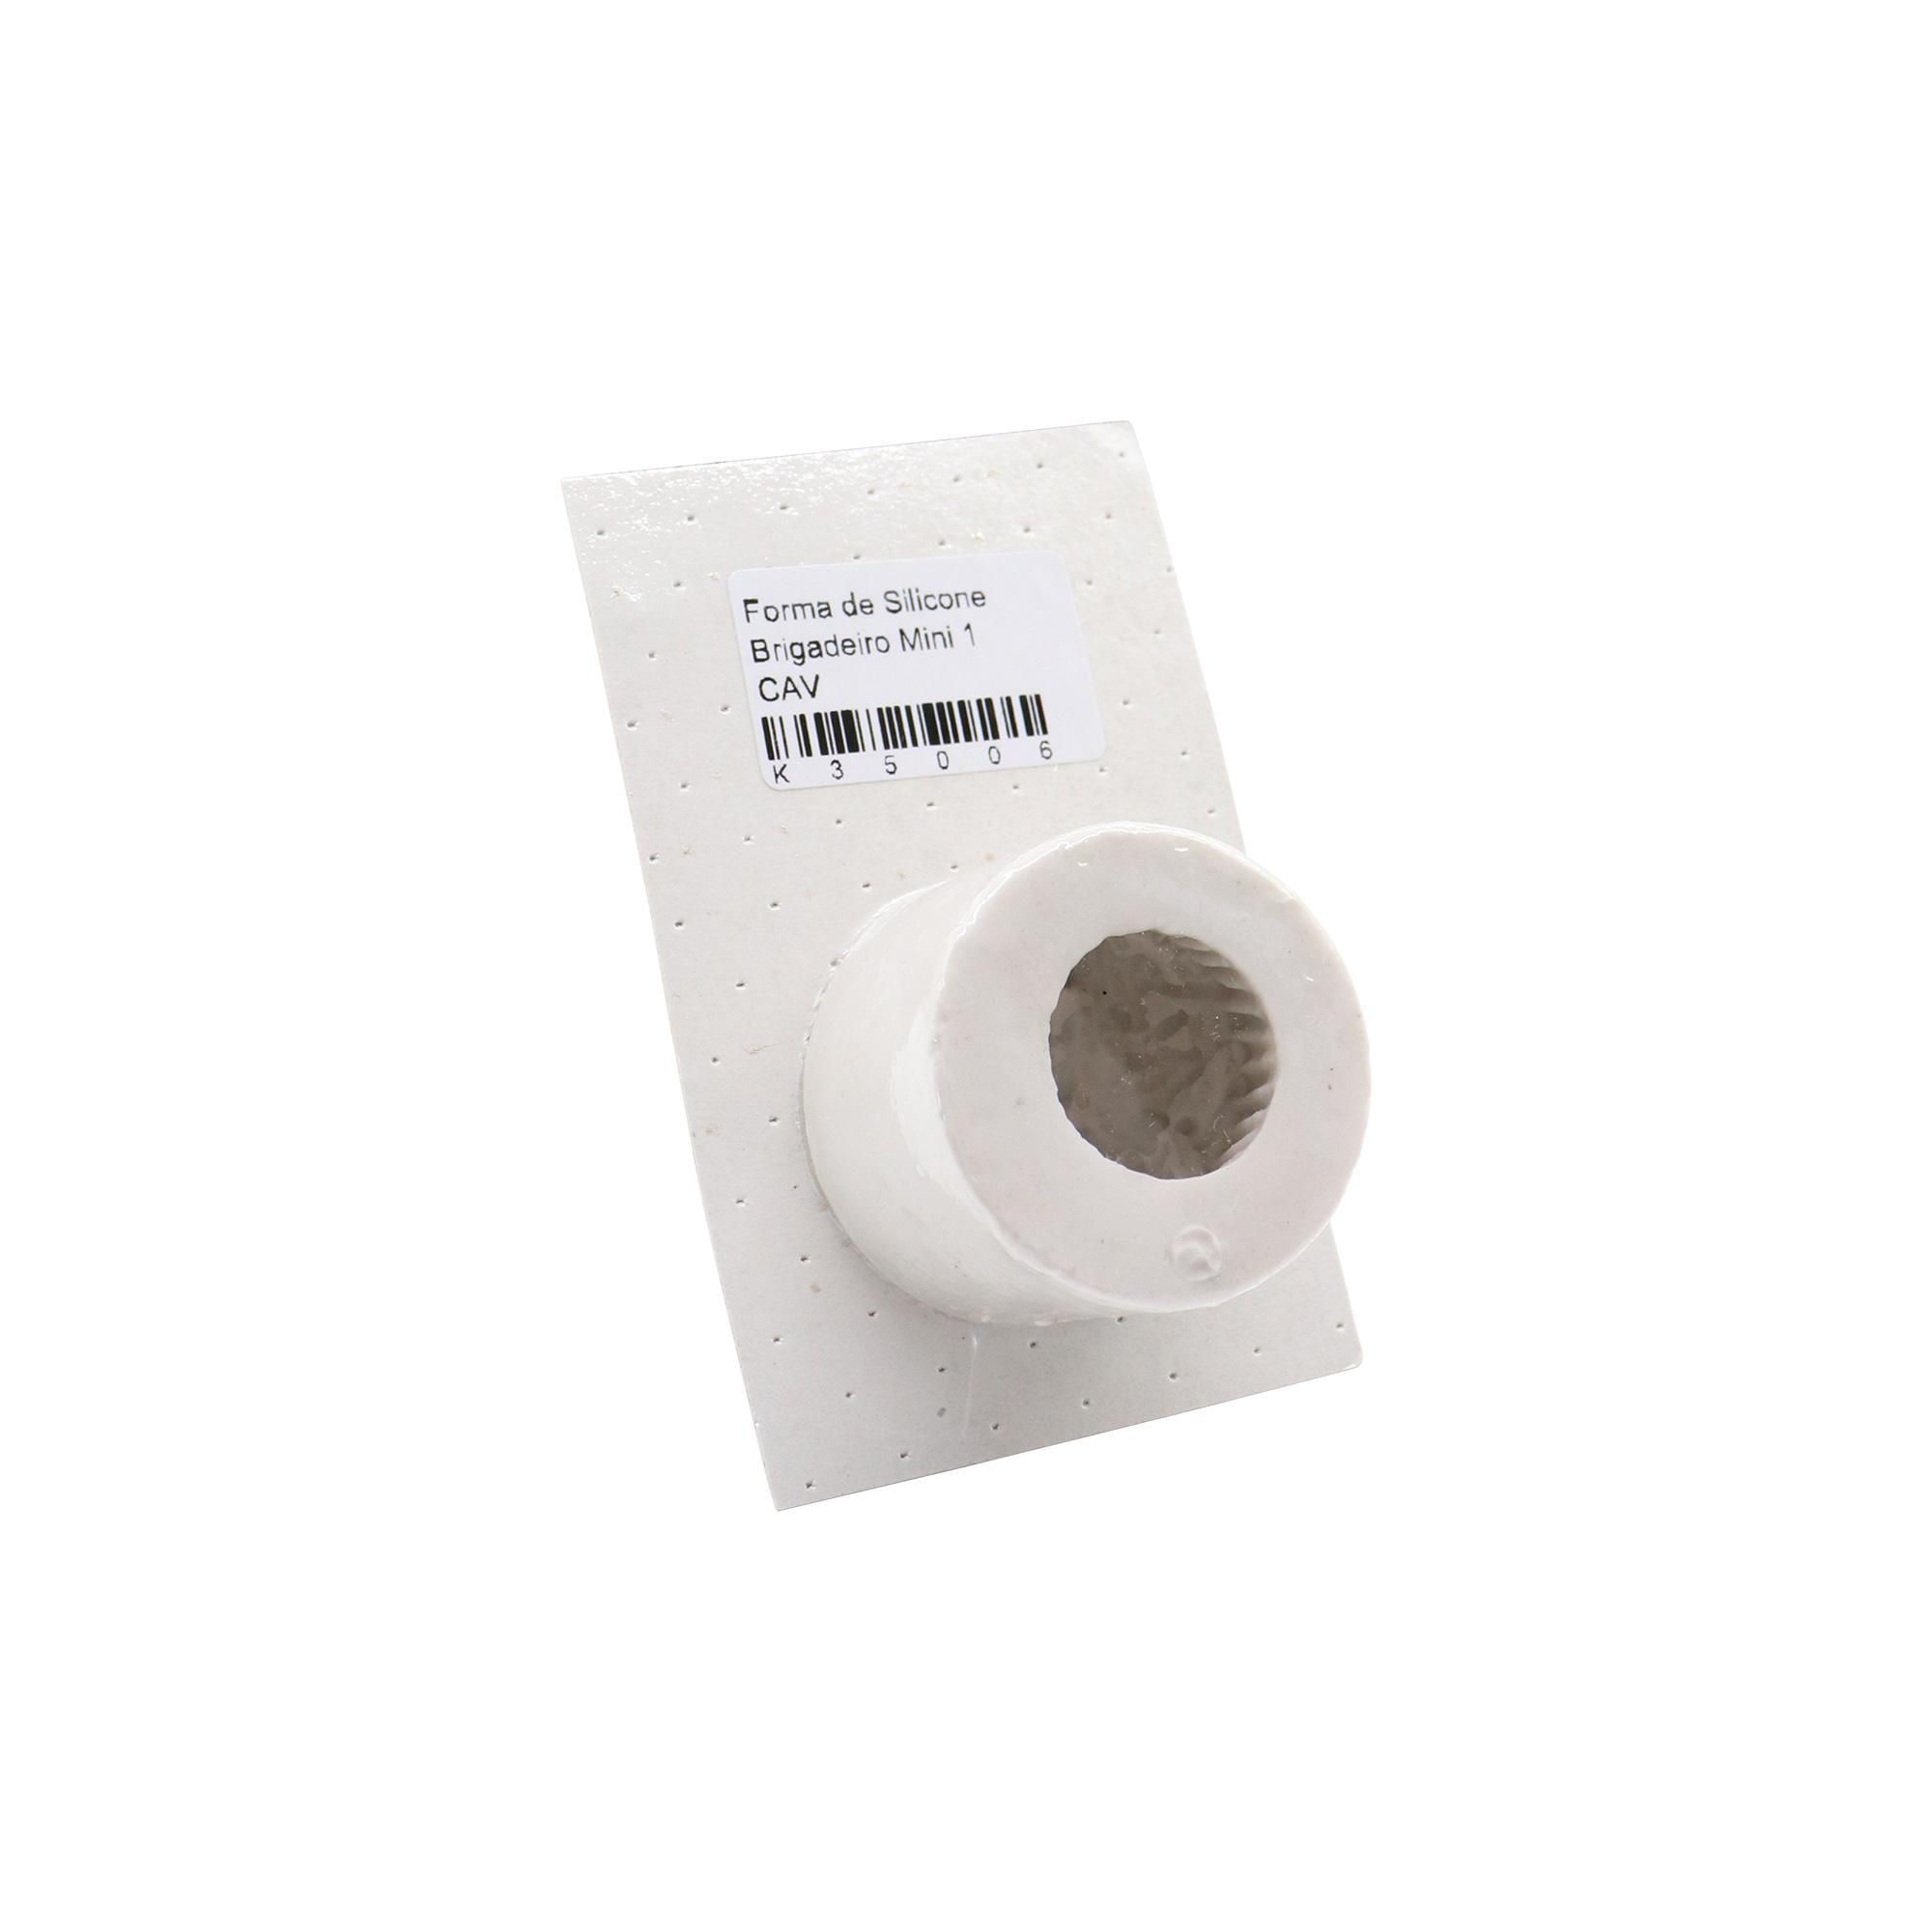 Molde de silicone brigadeiro mini